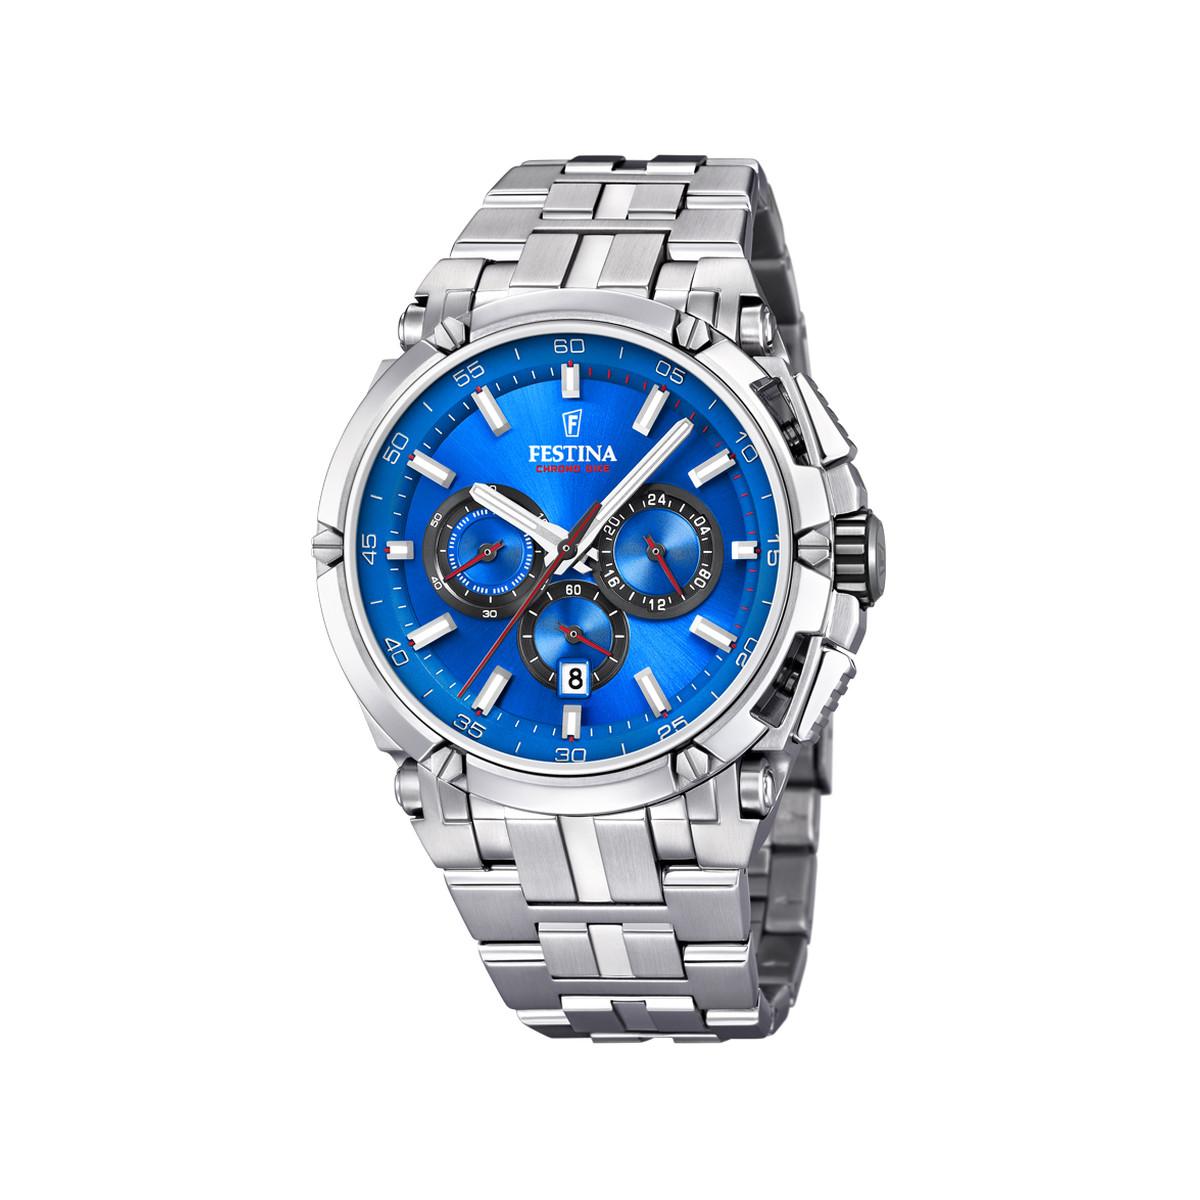 Montre Festina homme chronographe acier - Homme - modèle F20327 2   MATY 006a0b38d8ba